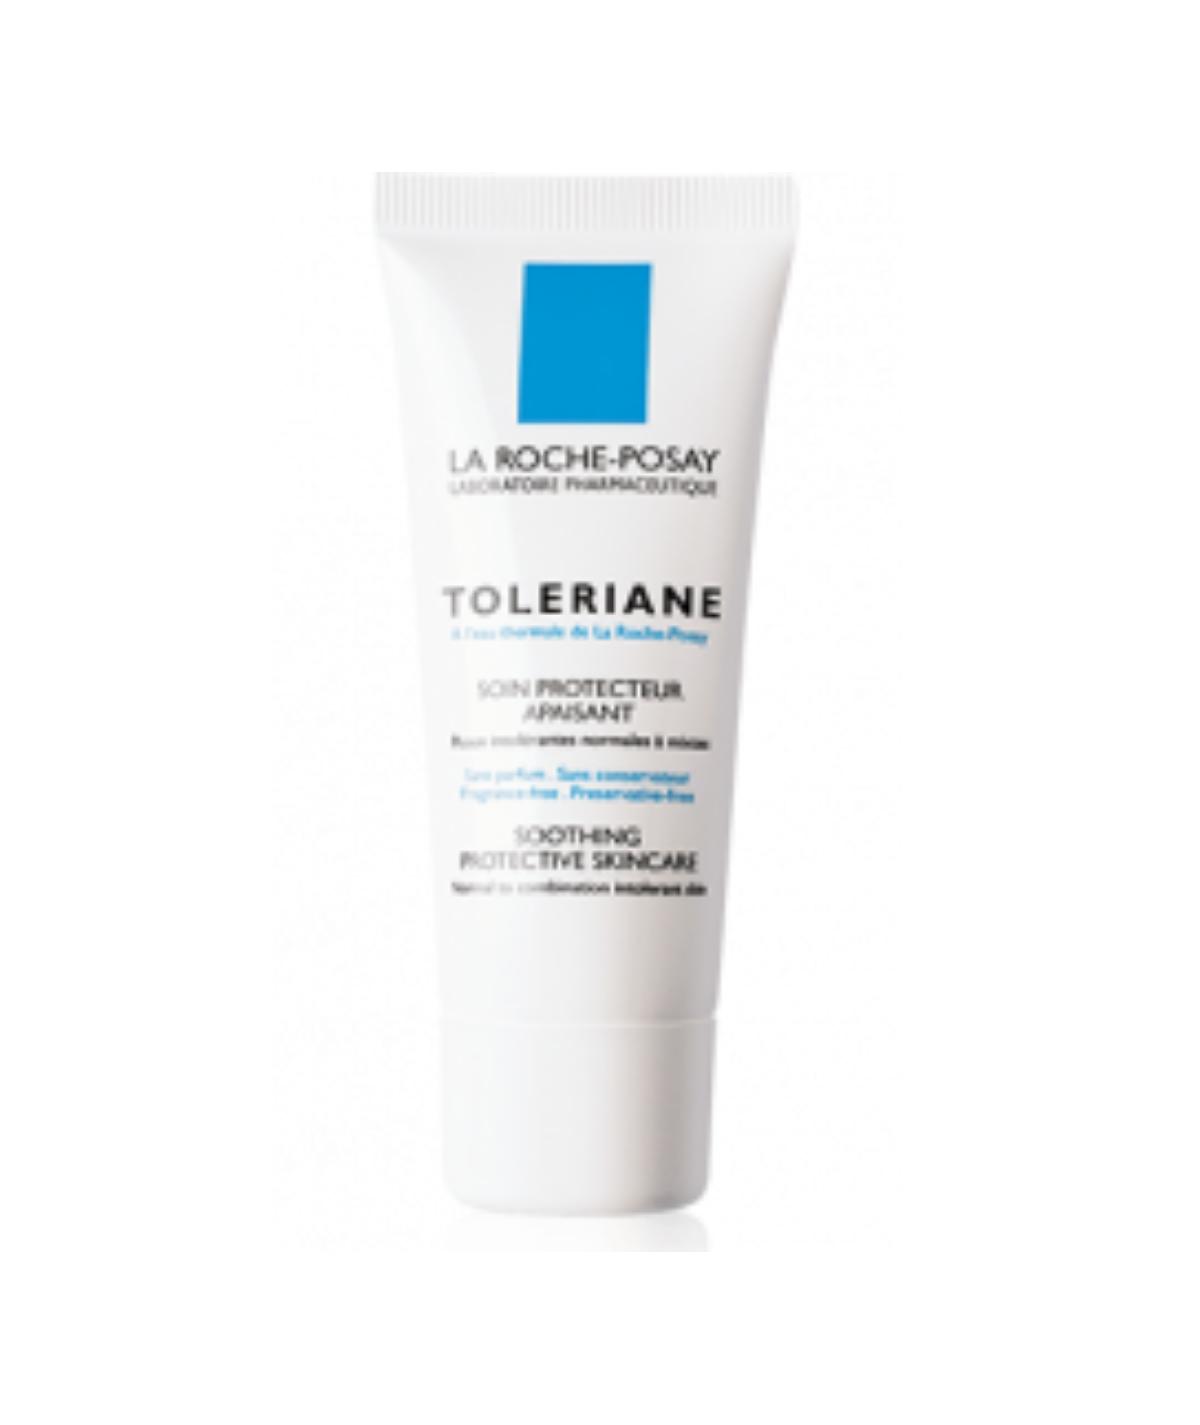 TOLERIANE CREMA 40 ML